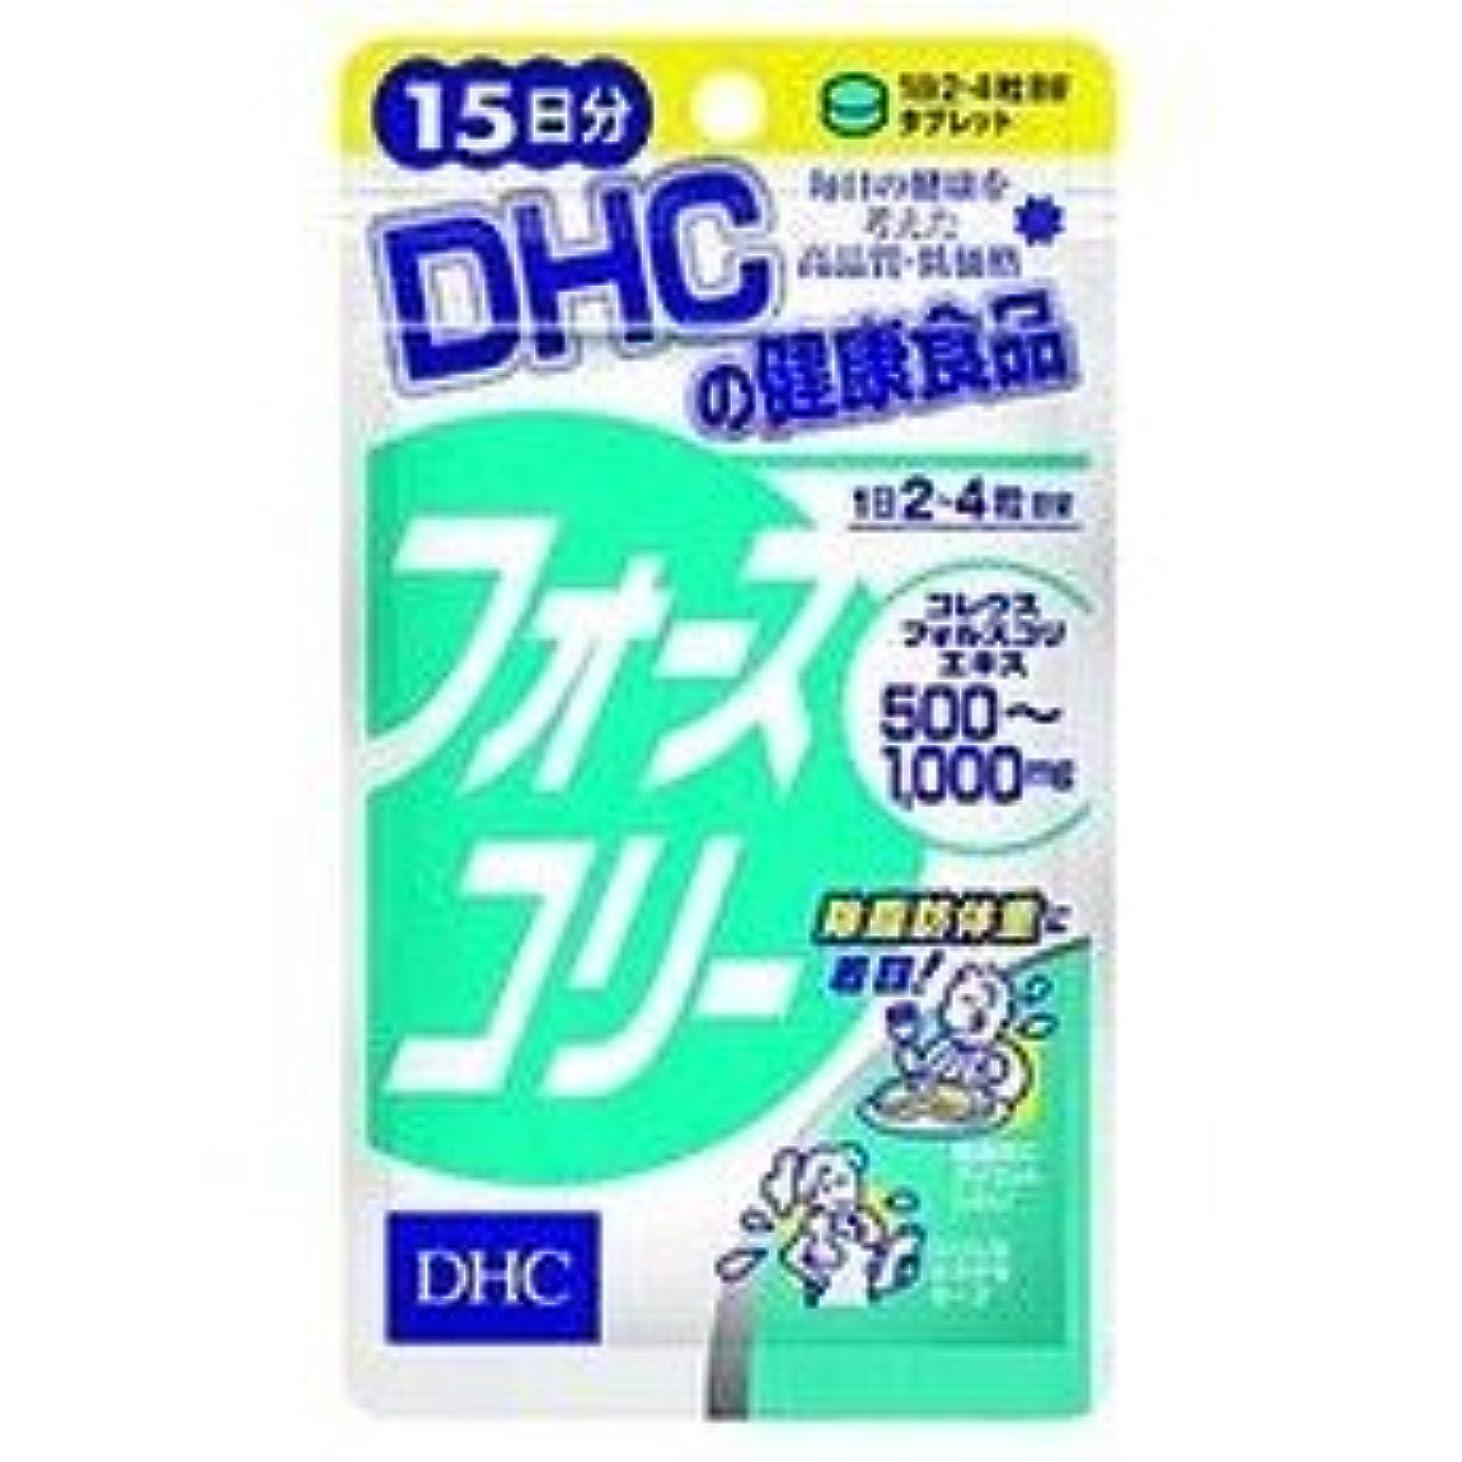 グラム授業料合法DHC フォースコリー 15日分 60粒